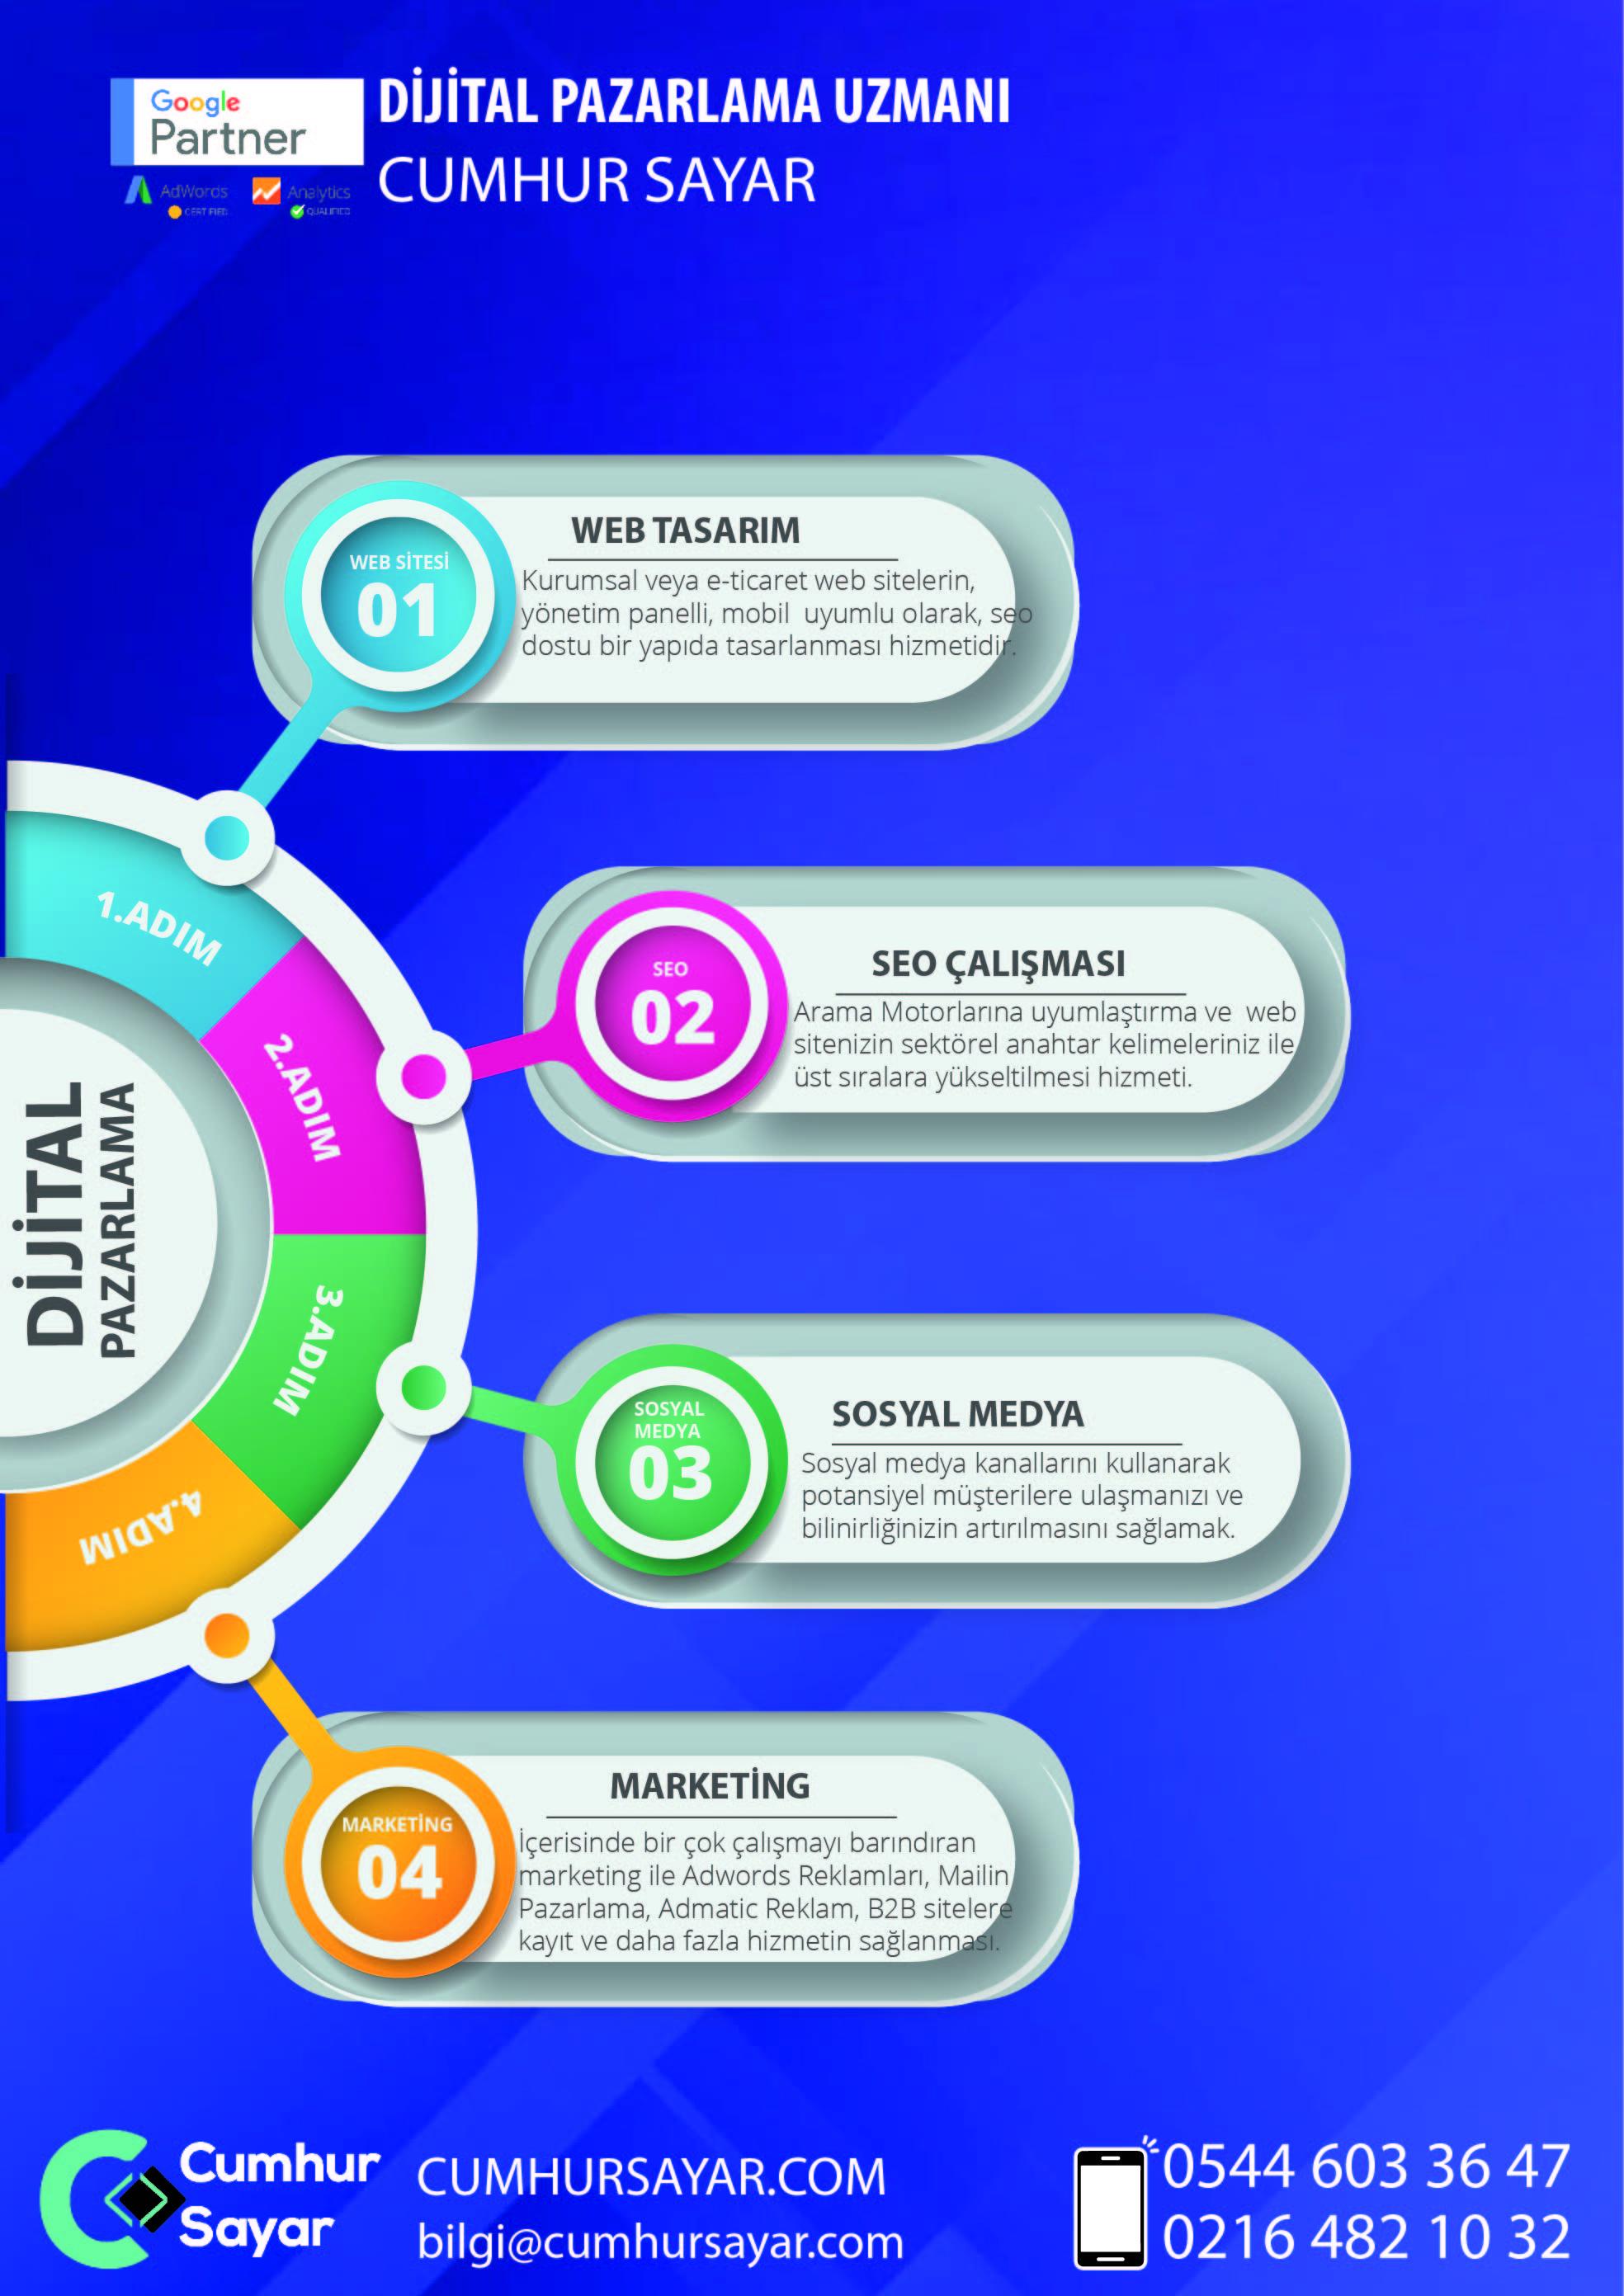 dijital-pazarlama-uzmanı-cumhur-sayar (2)